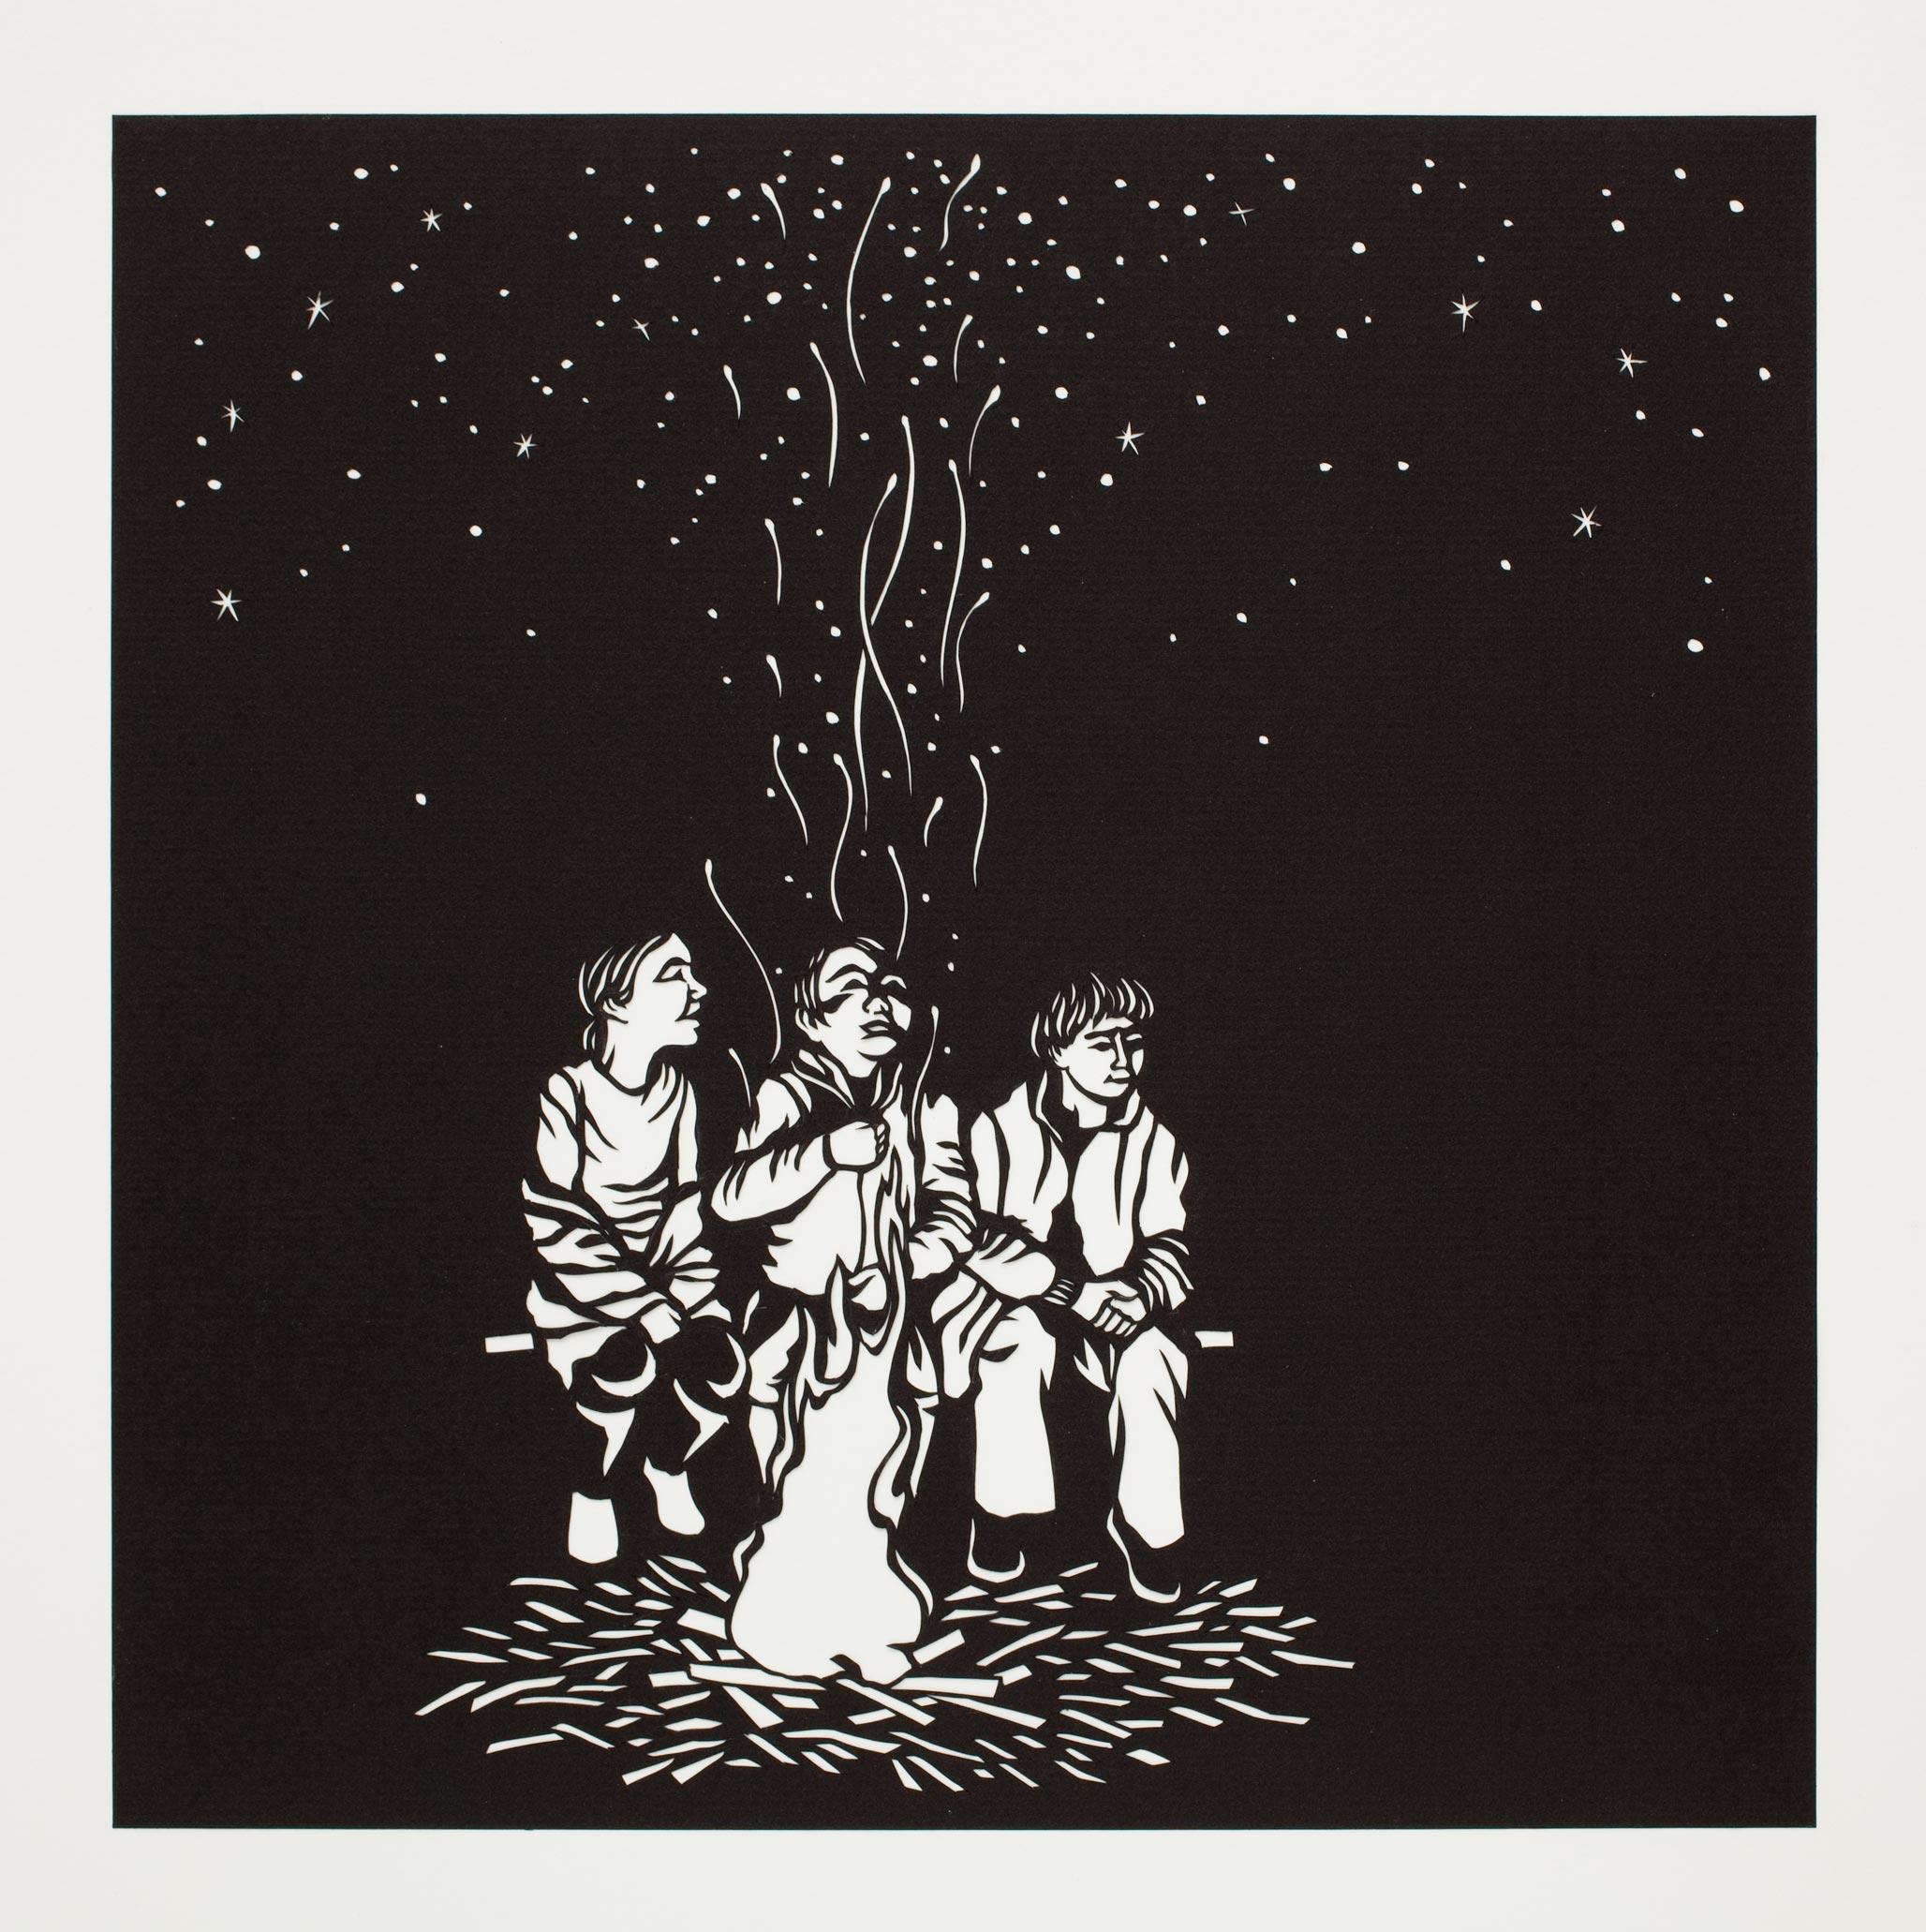 We Are Starlight, 2012 - Nikki McClure